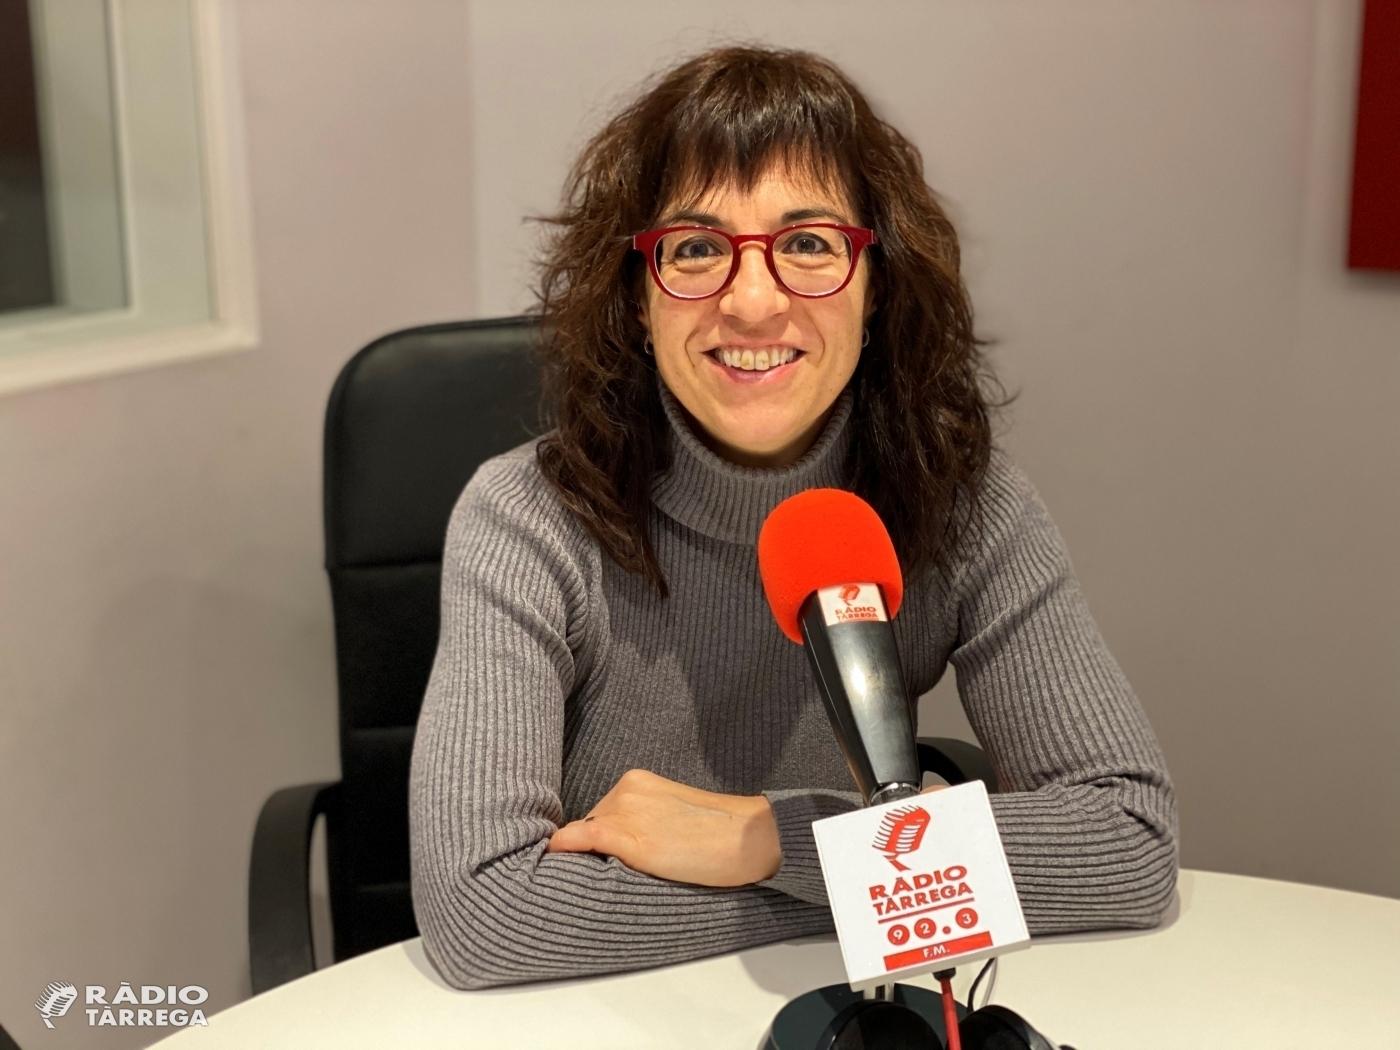 ÀUDIO: Entrevista amb l'alcaldessa de Tàrrega Alba Pijuan Vallverdú sobre les darreres mesures preventives adoptades pel Coronavirus